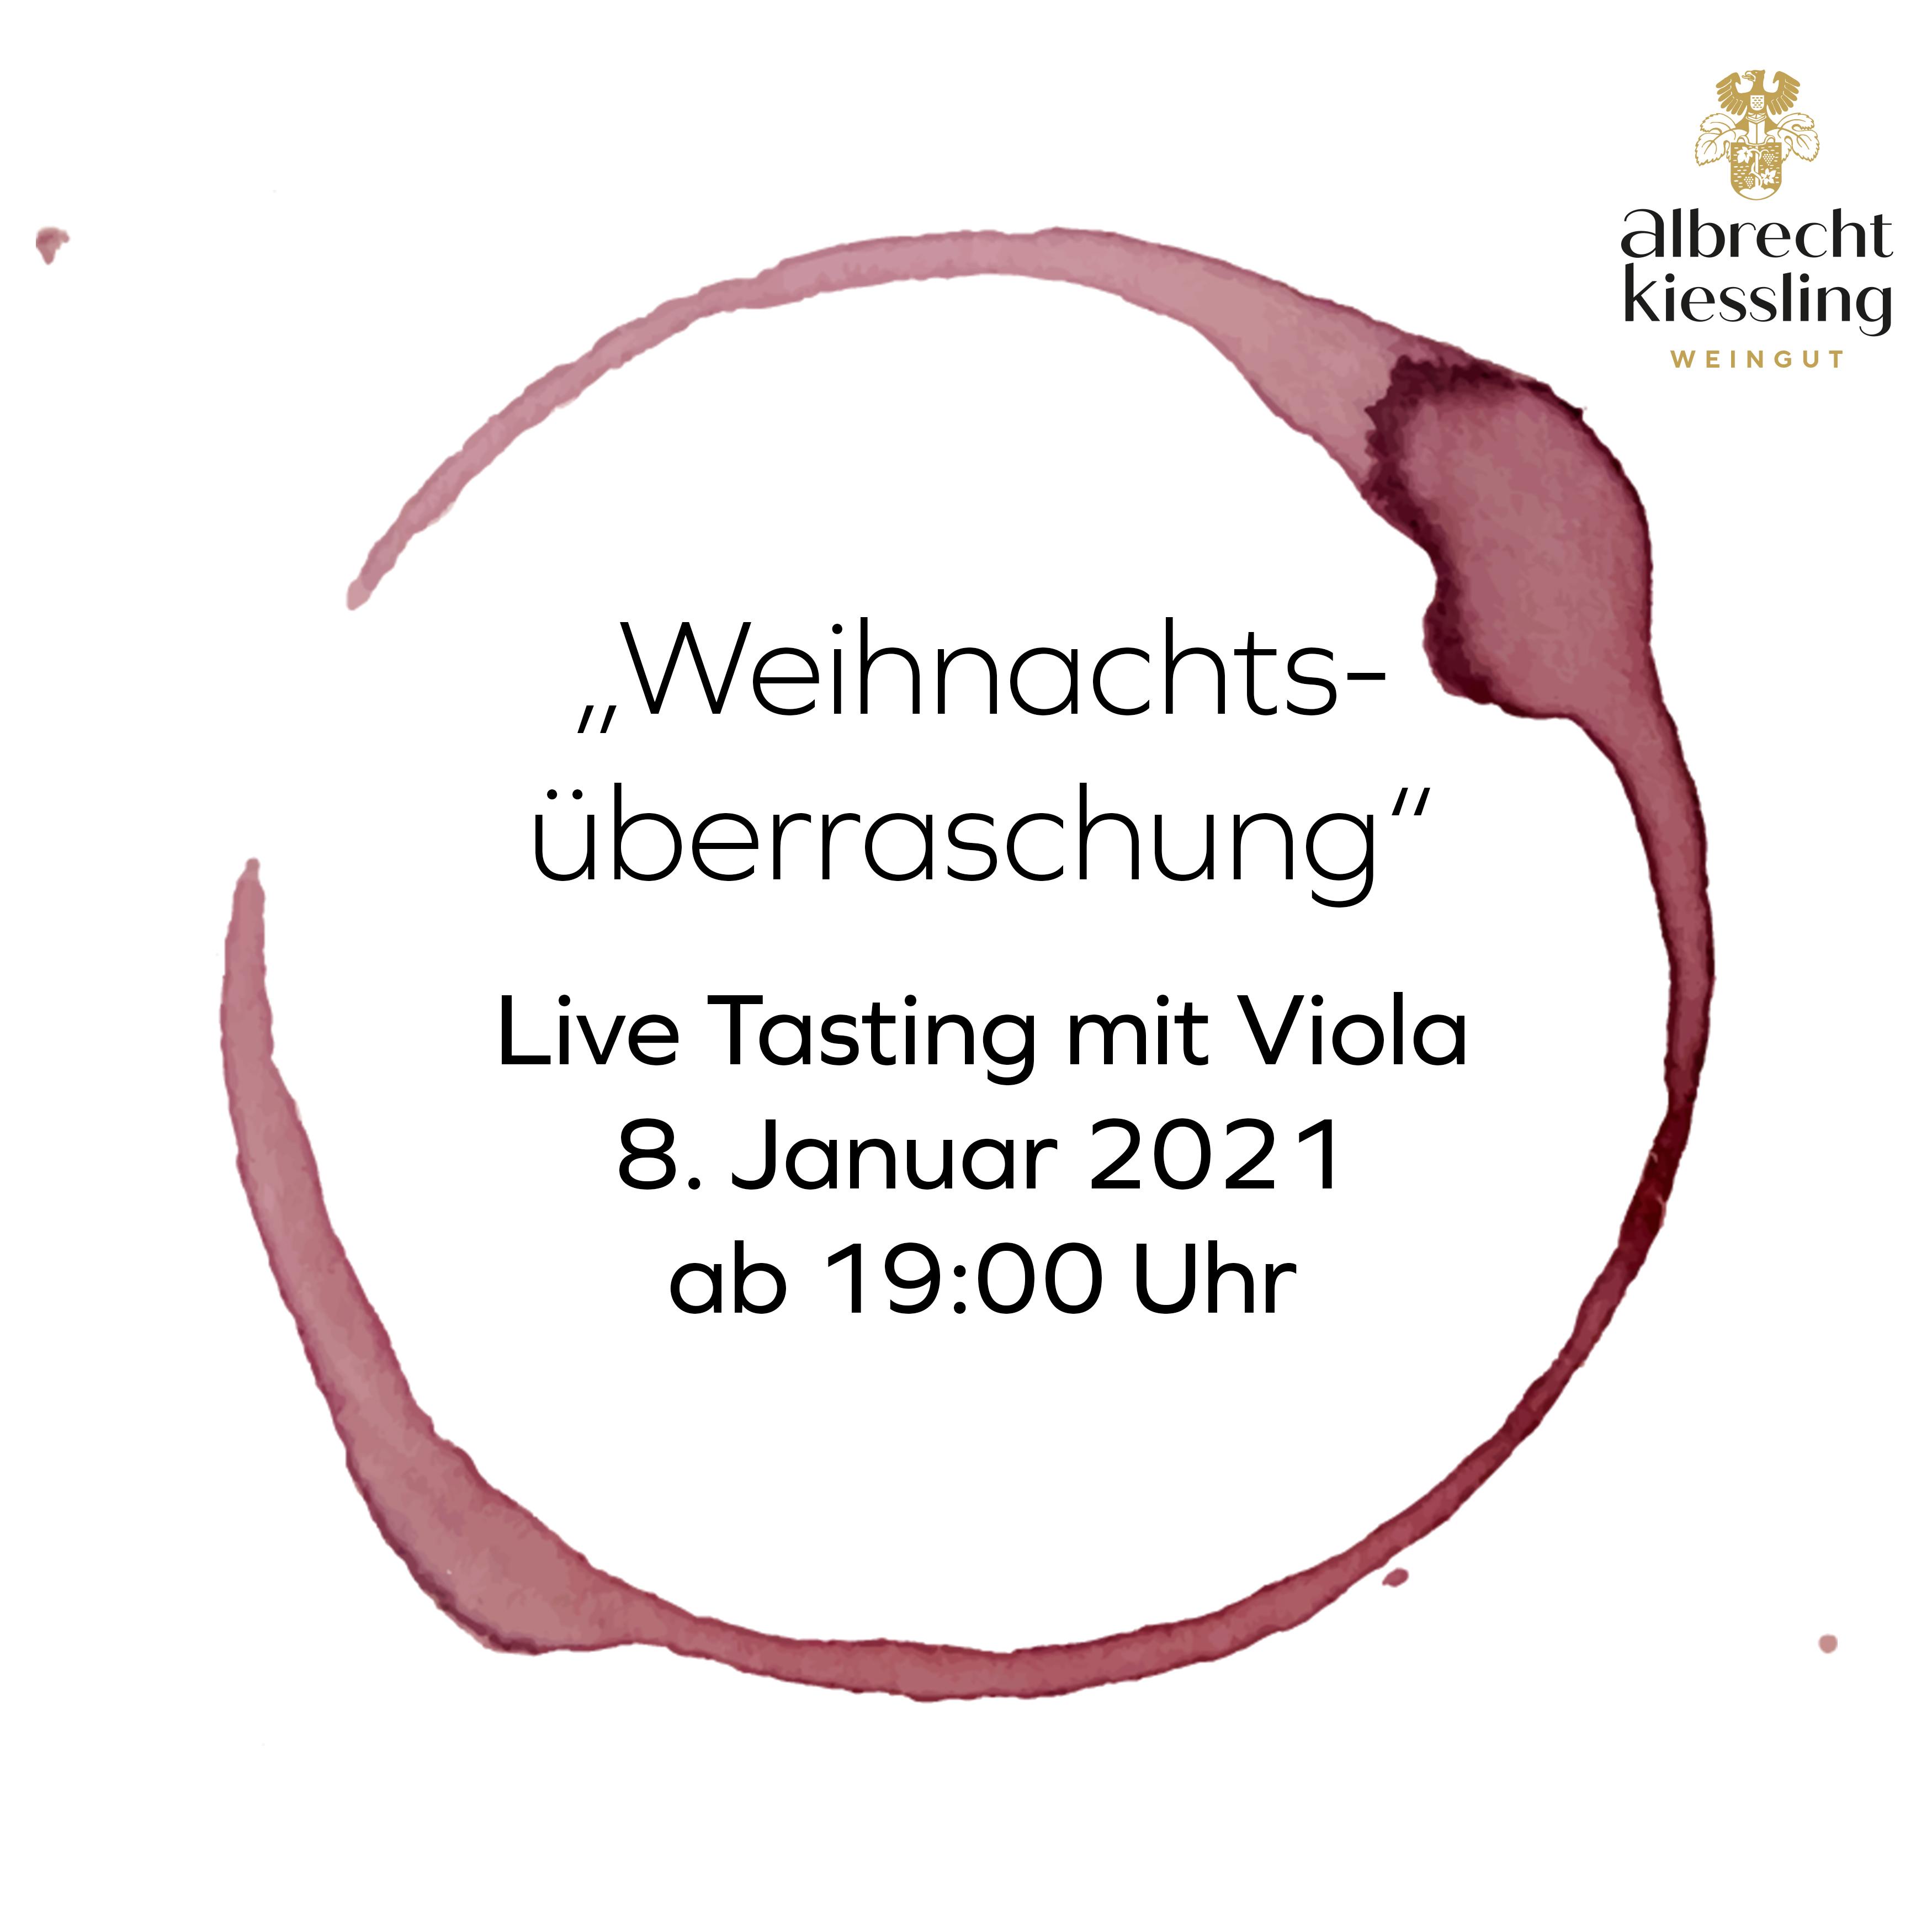 Live-Tasting mit Viola - Weihnachtsüberraschung